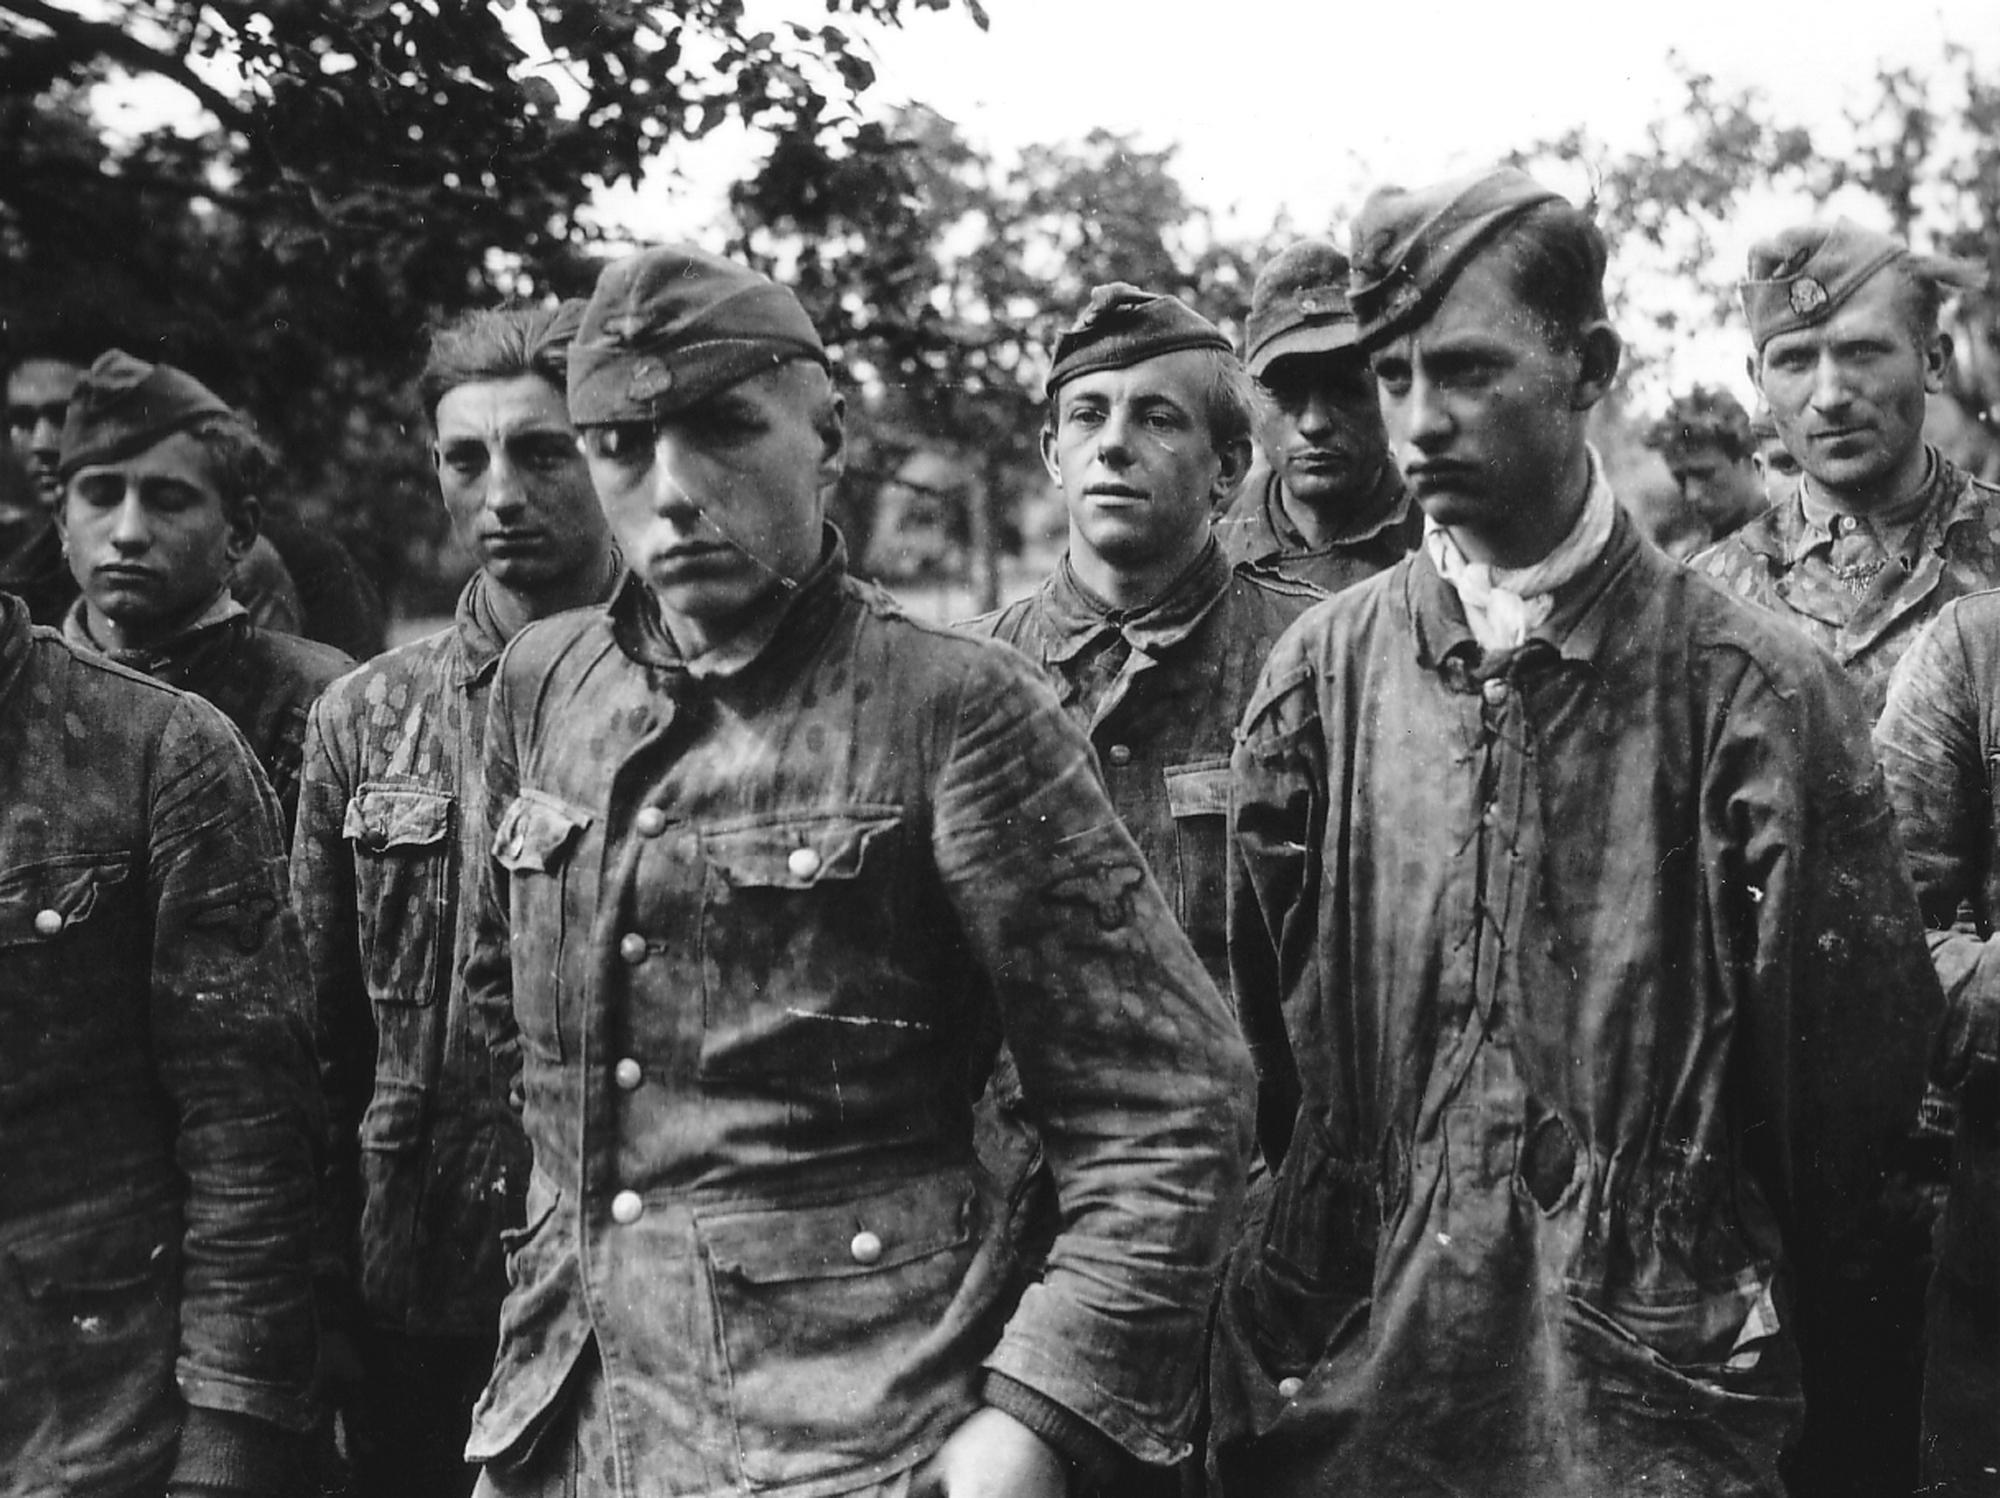 1944. Normandiában elfogott SS alakulat. Az égető emberhiány már jelentkezik, a tapasztaltabb vezető mellé fiatal fiúkat osztanak be..jpg